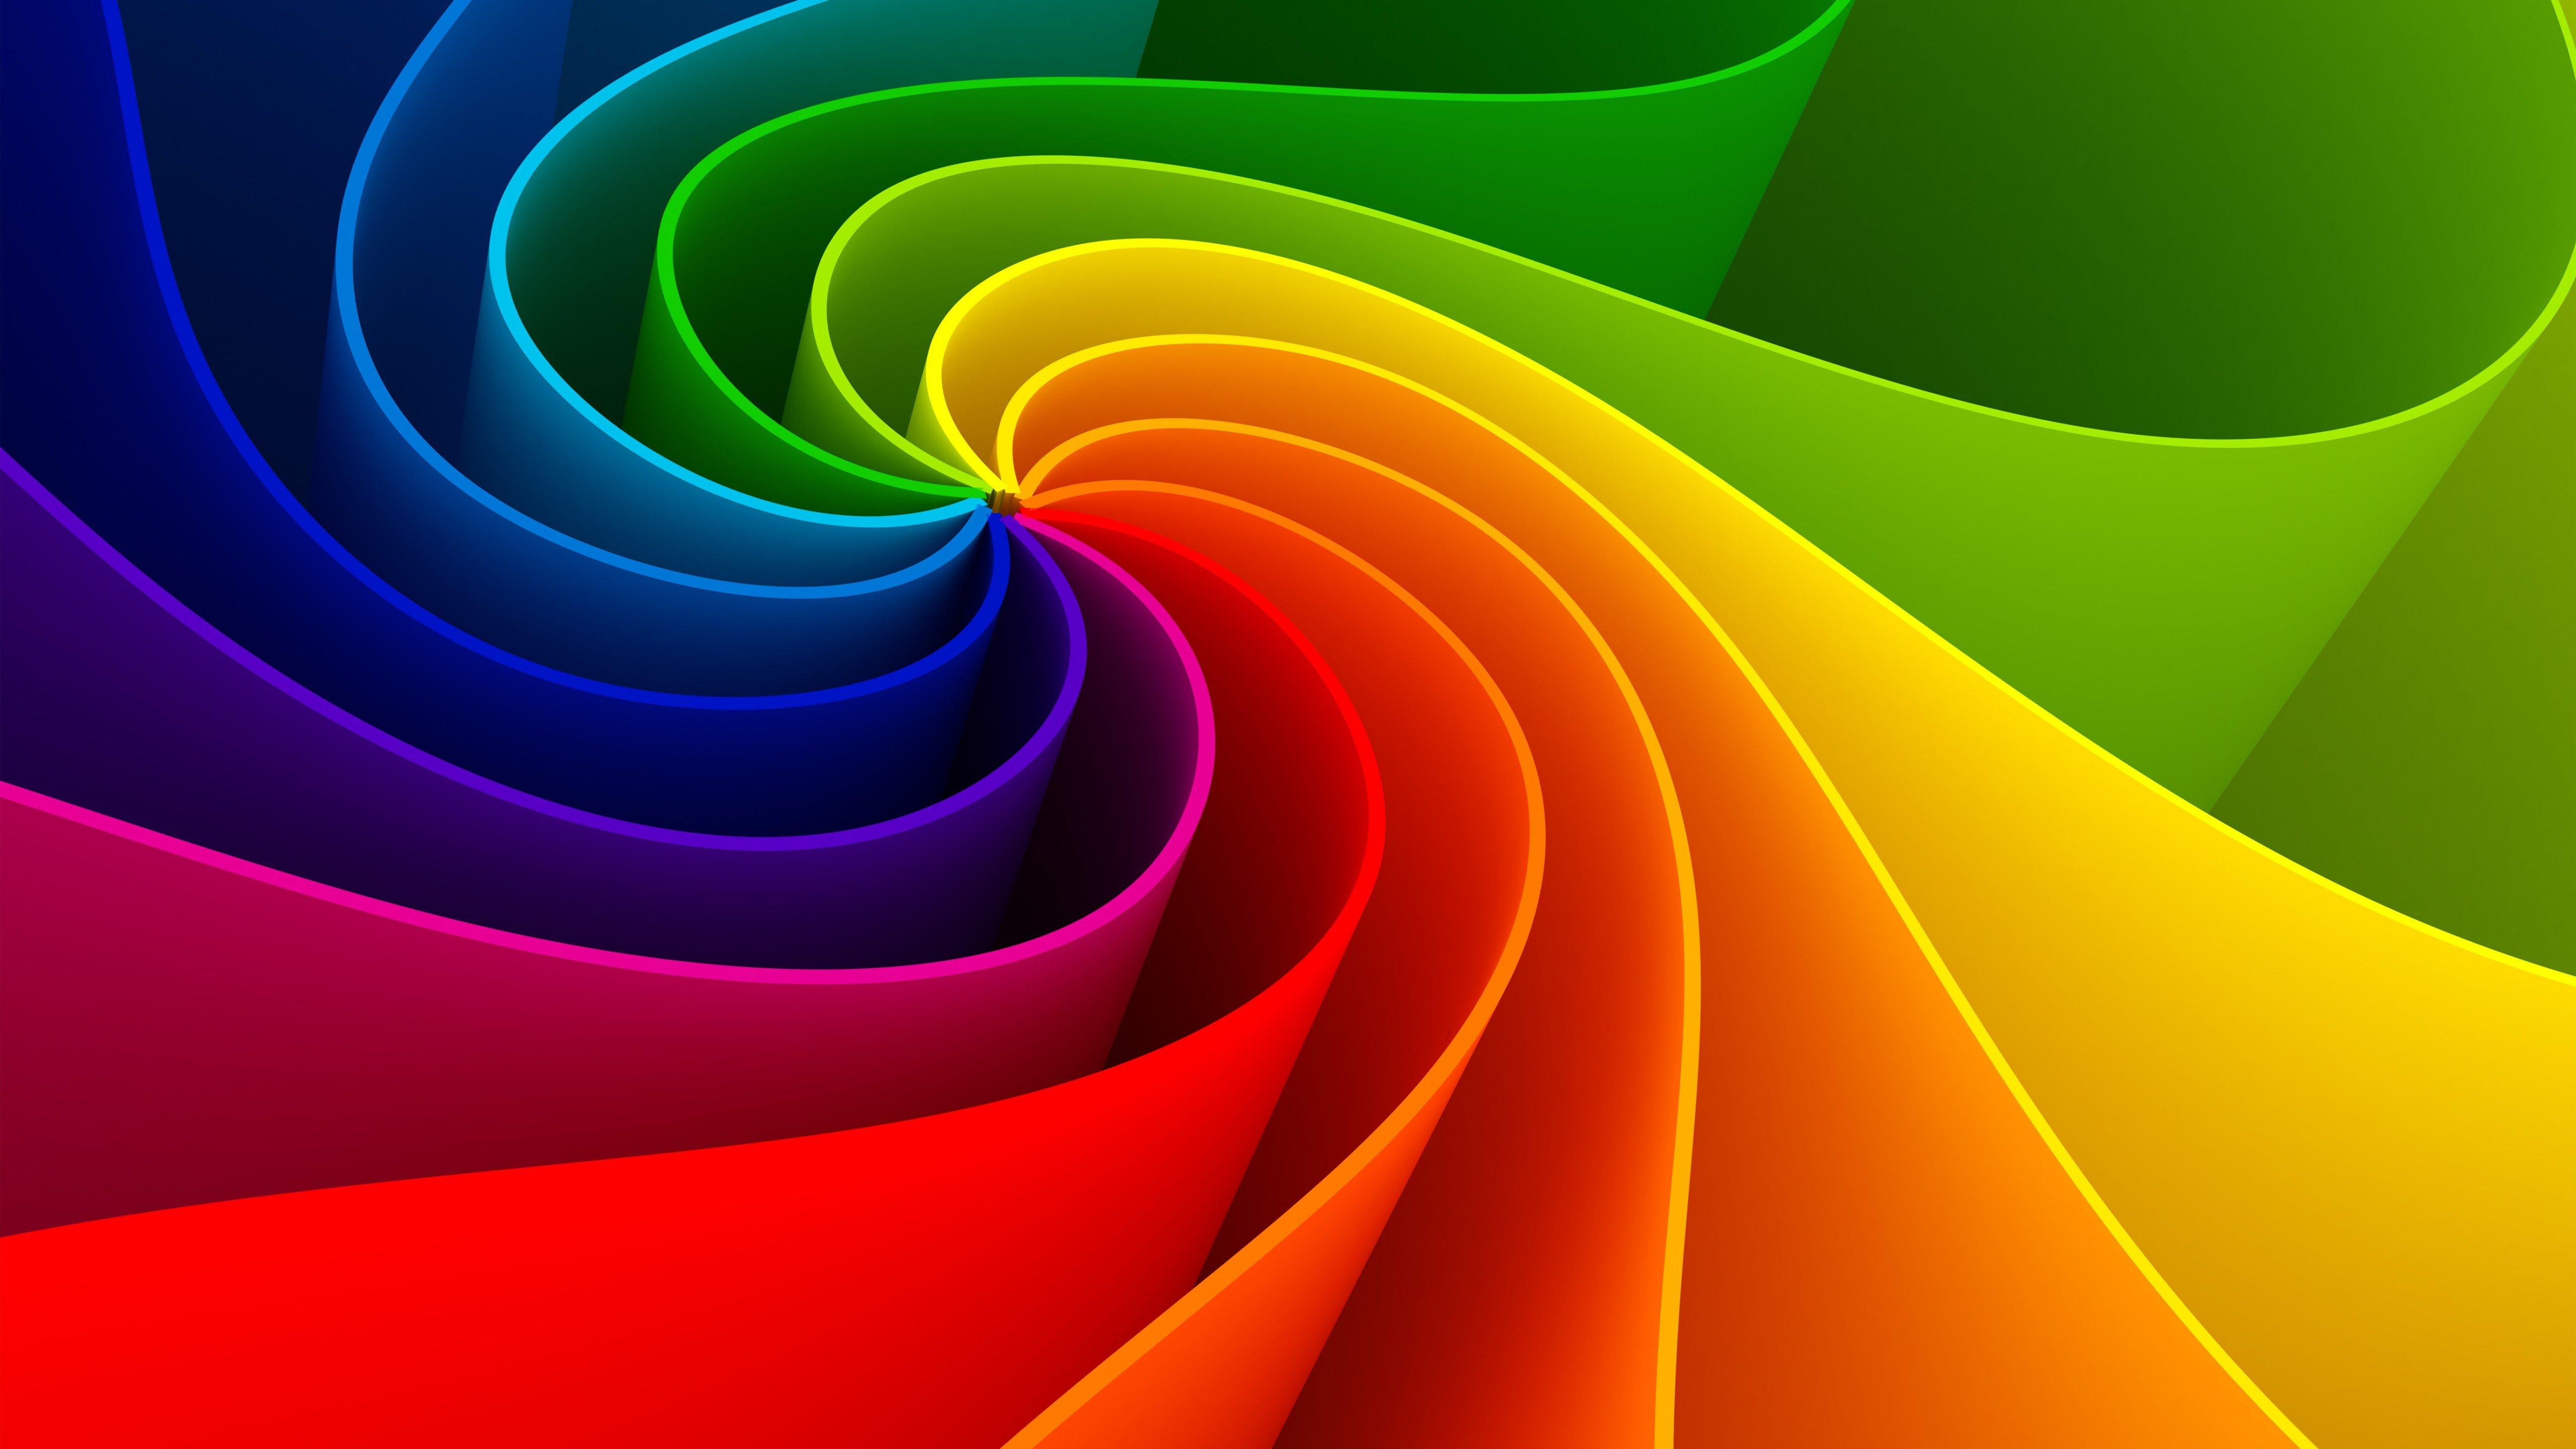 Fondos de pantalla Espirales 3d de colores